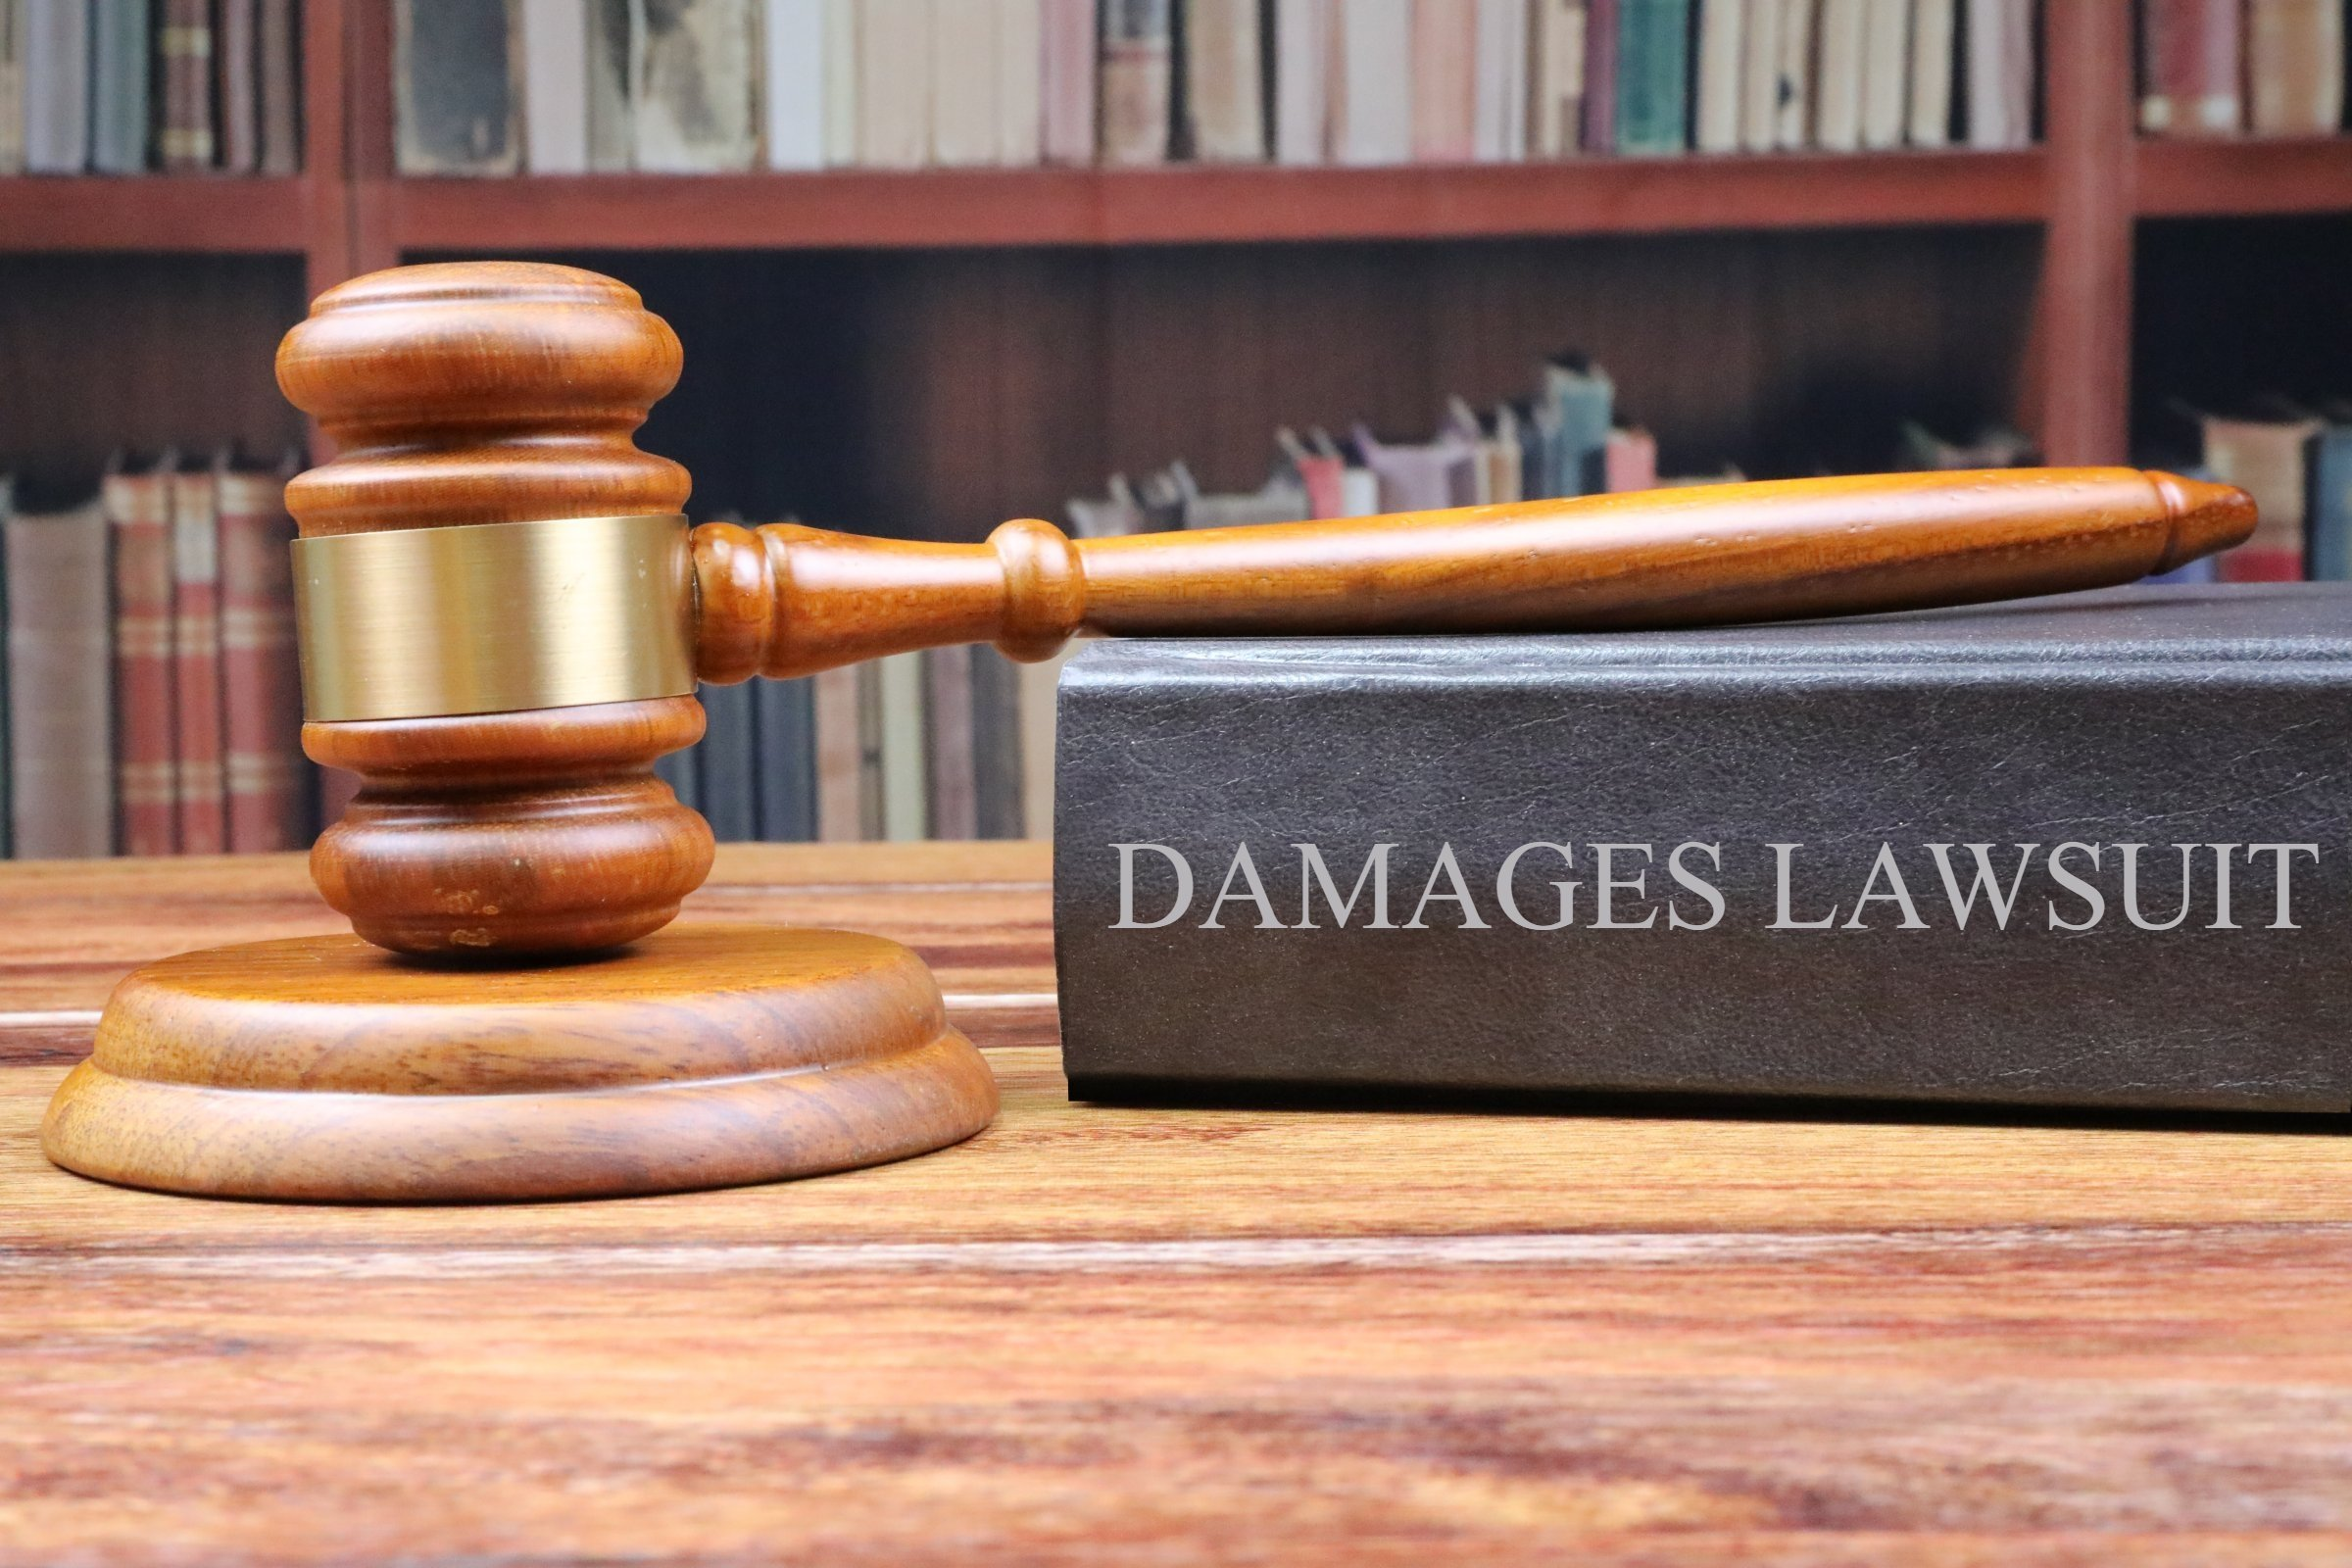 Damages Lawsuit